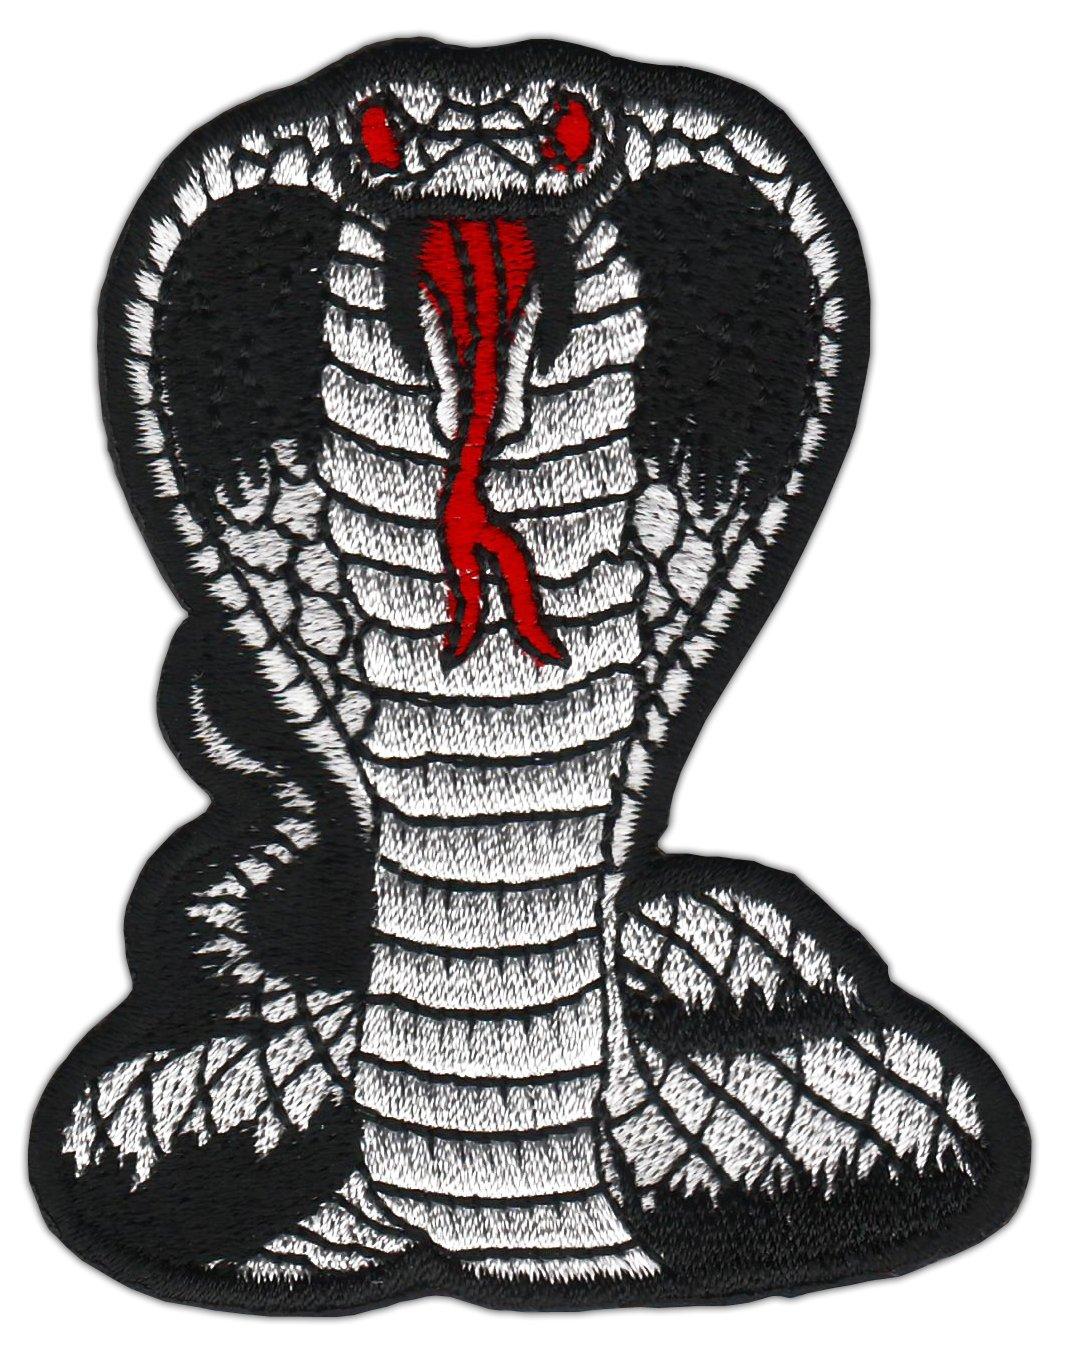 Cobra Noir Petit serpent Branches image /Écusson